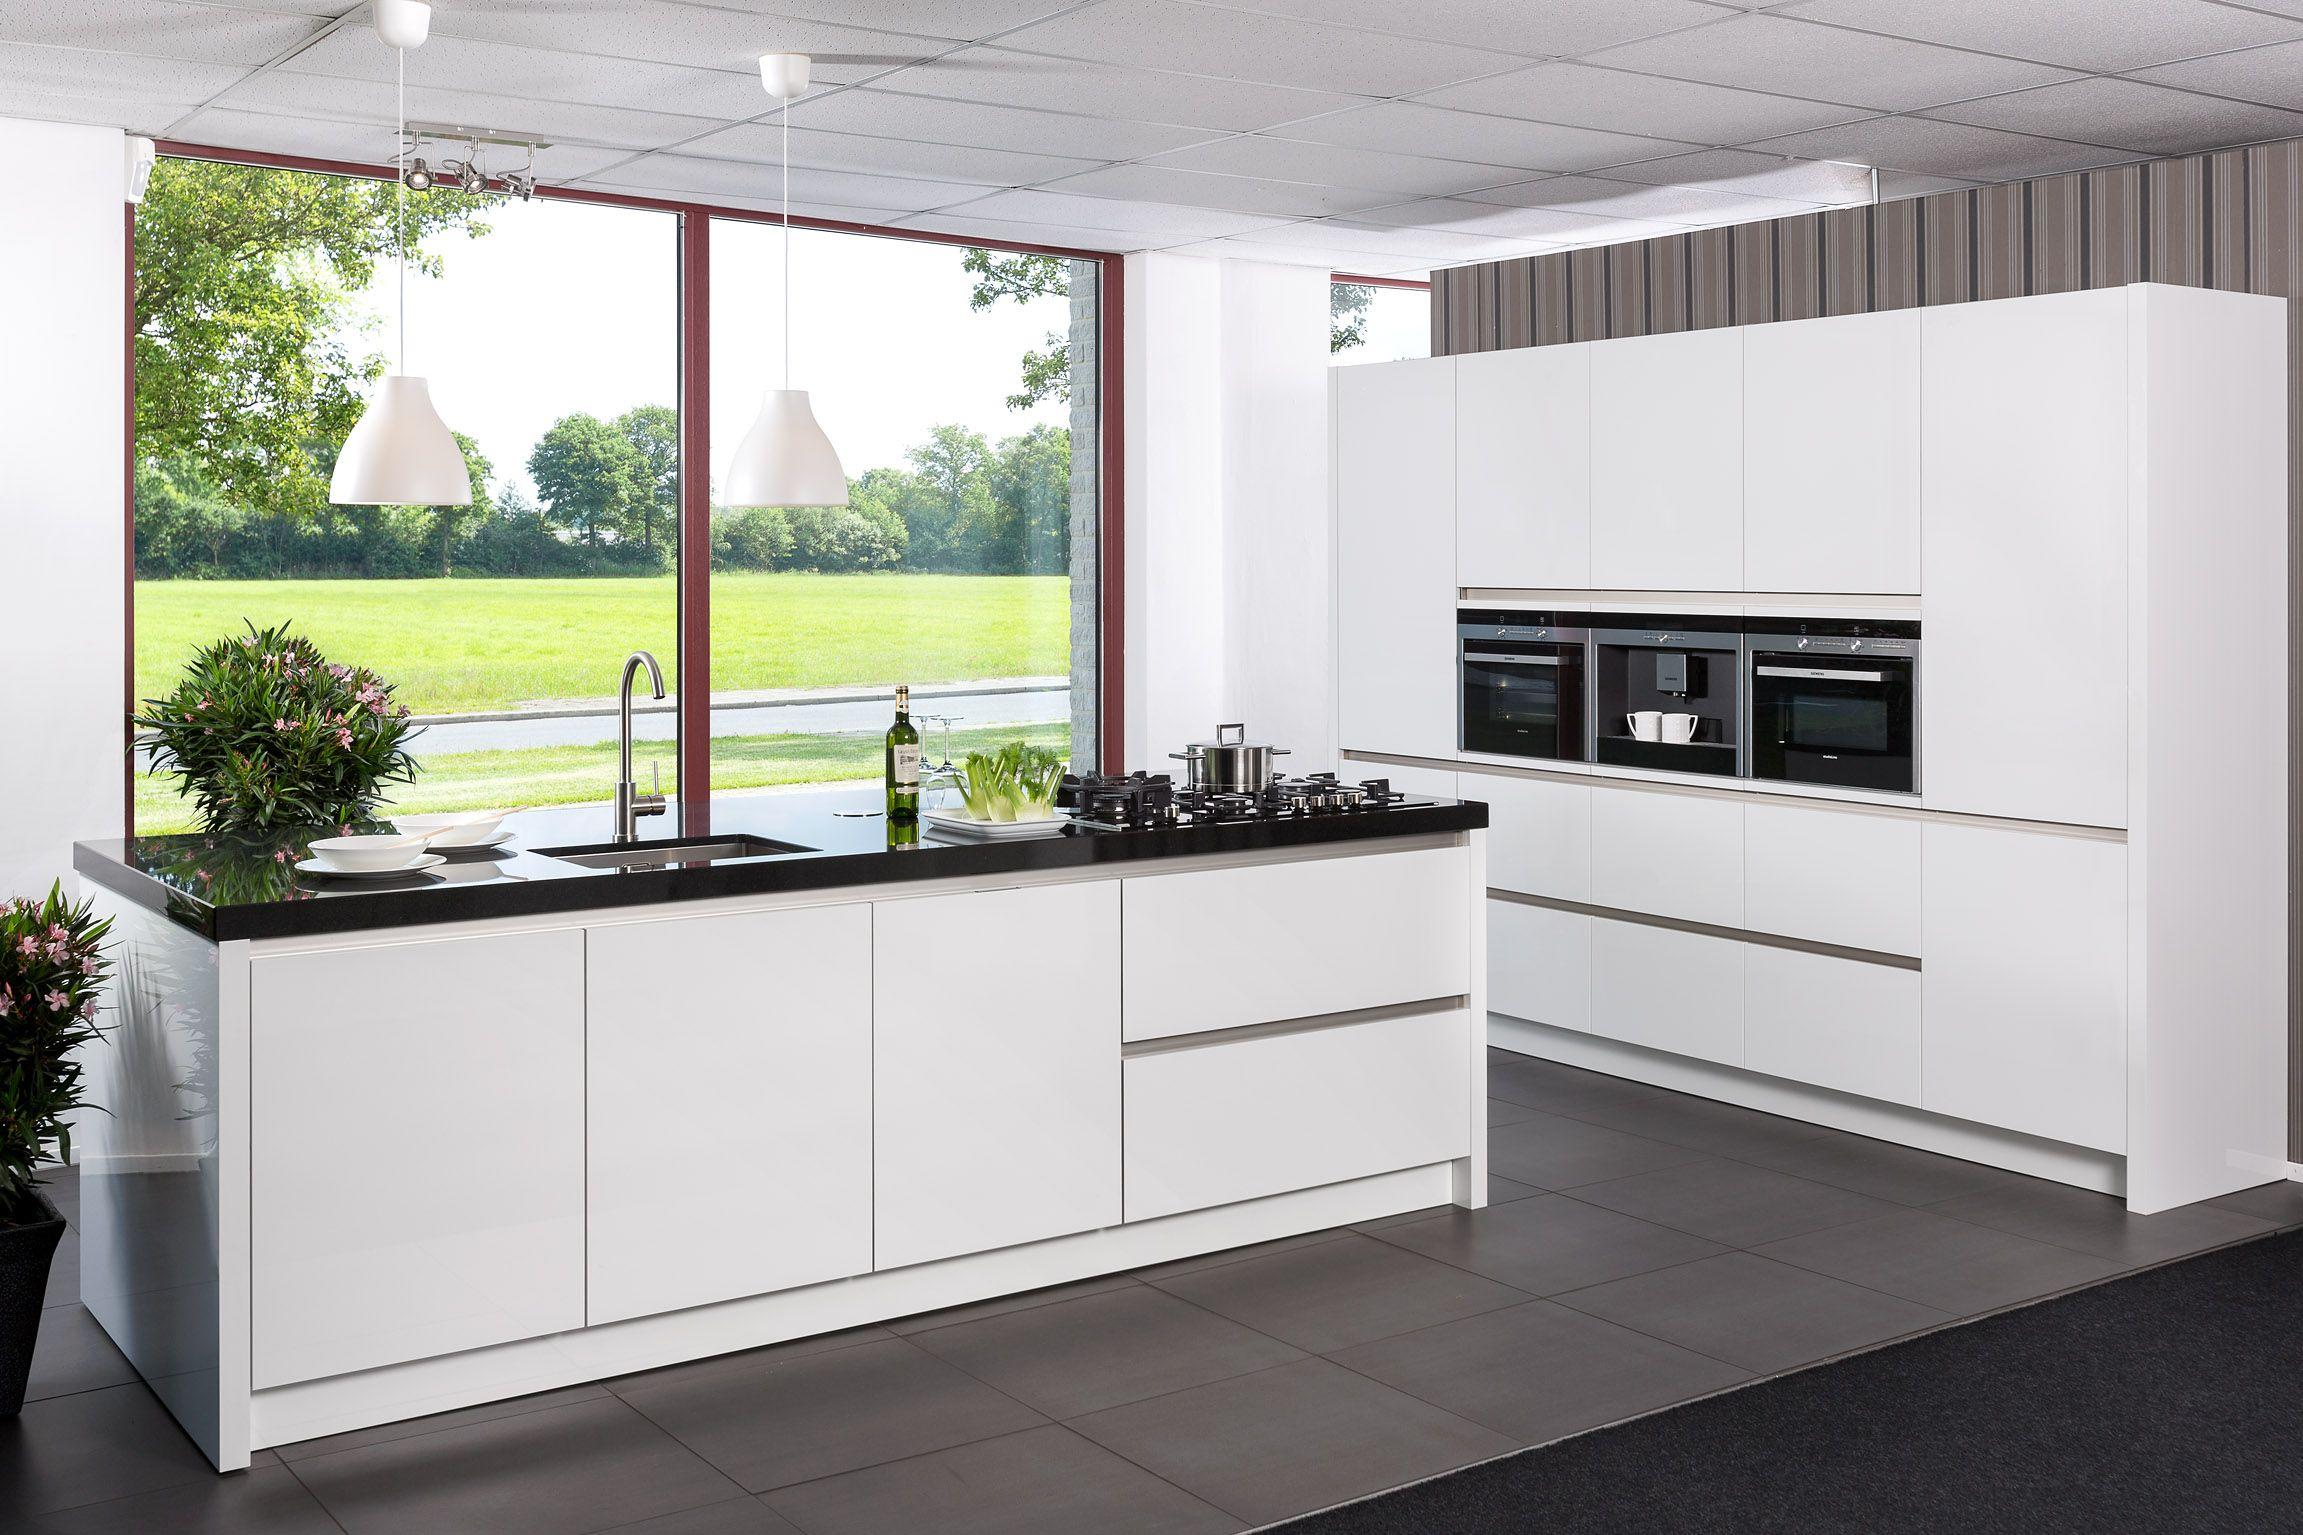 Keukenprijs altijd de beste keukenprijs greeploze siemens keuken 52869 - De beste hedendaagse keukens ...